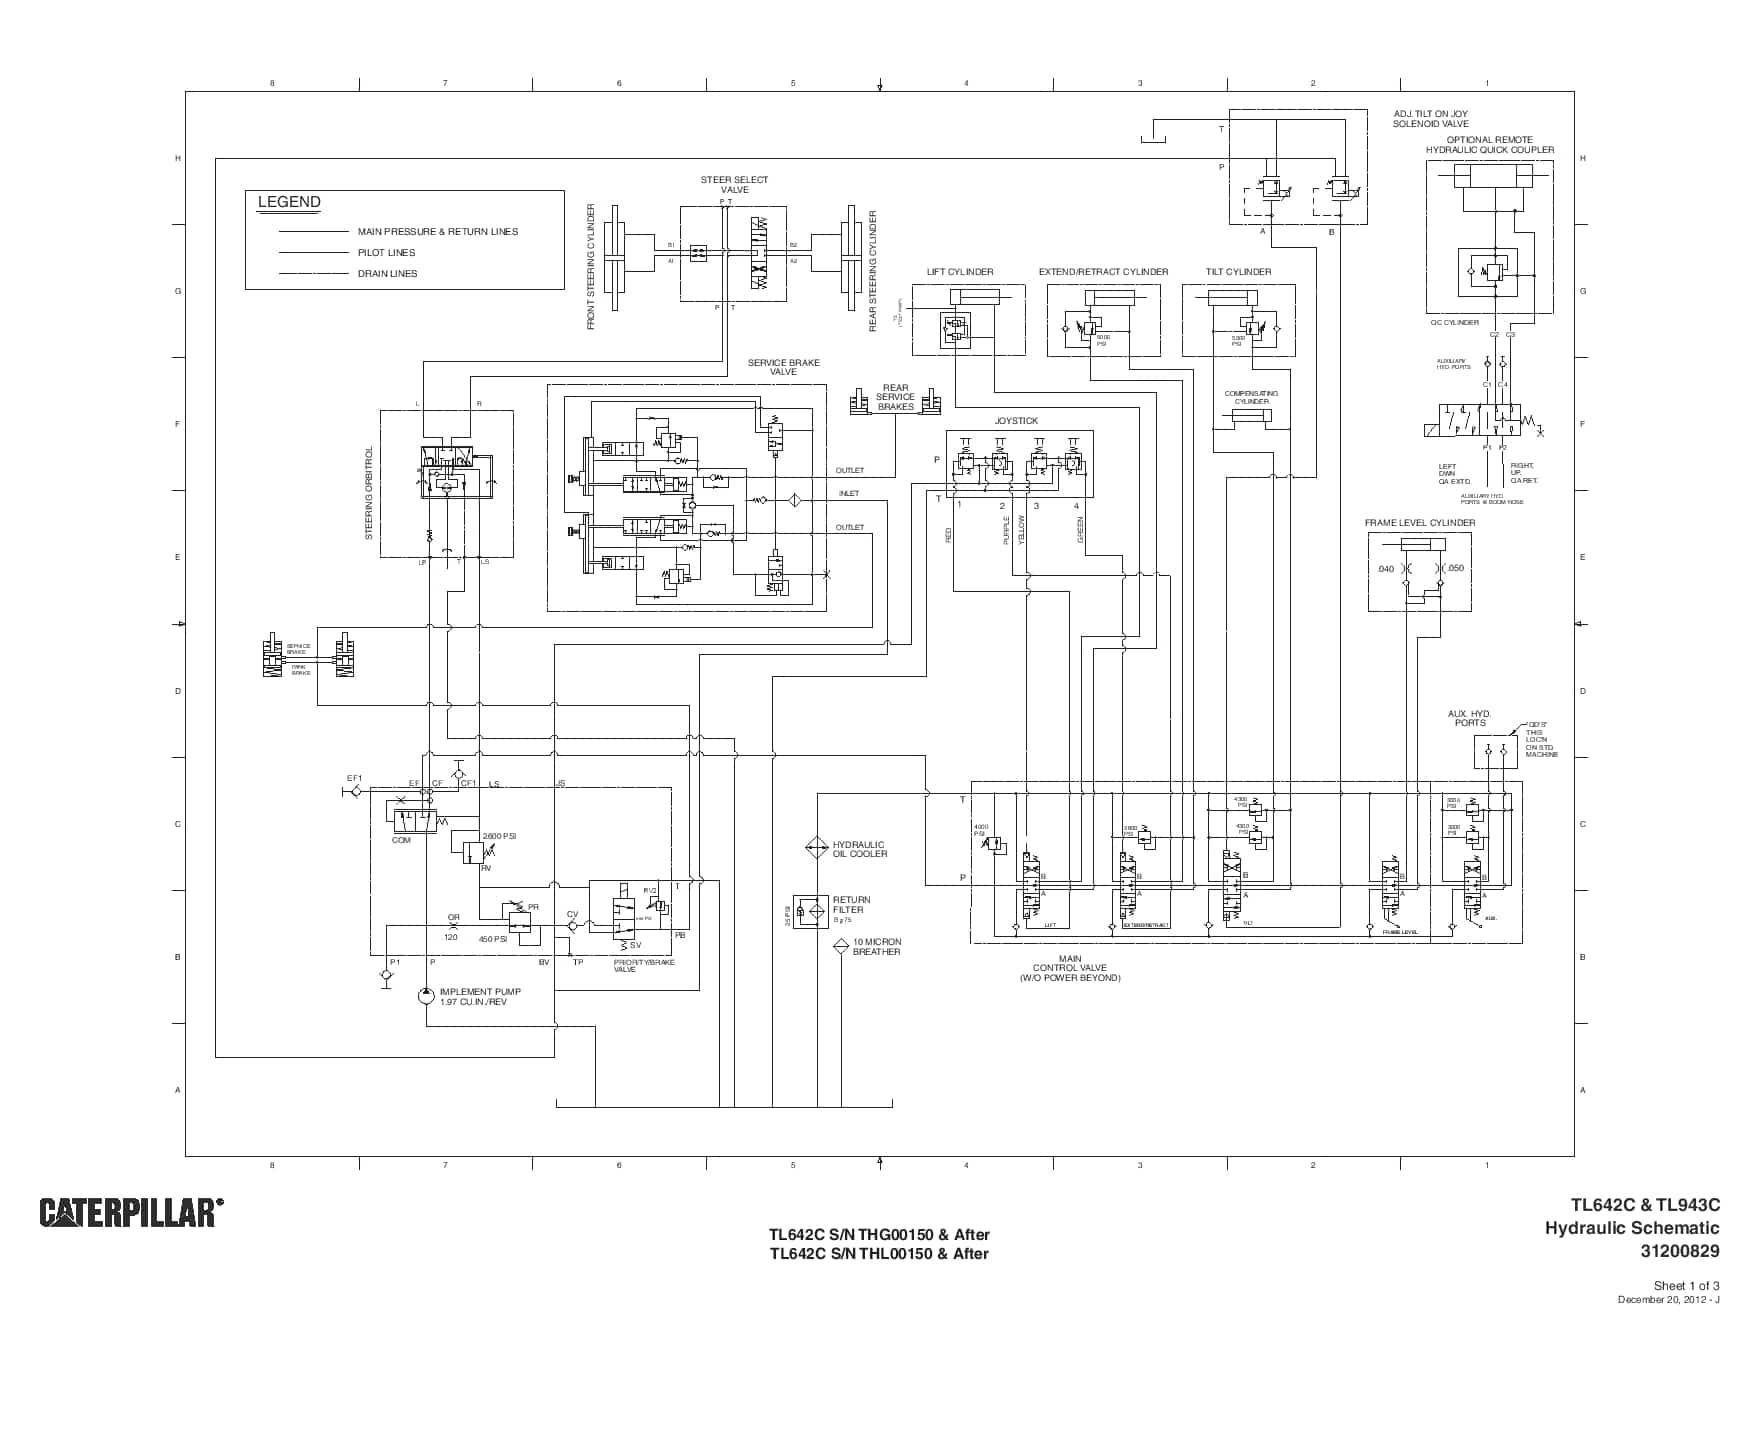 Cat Telehandler Service Manual Hydraulic Diagram